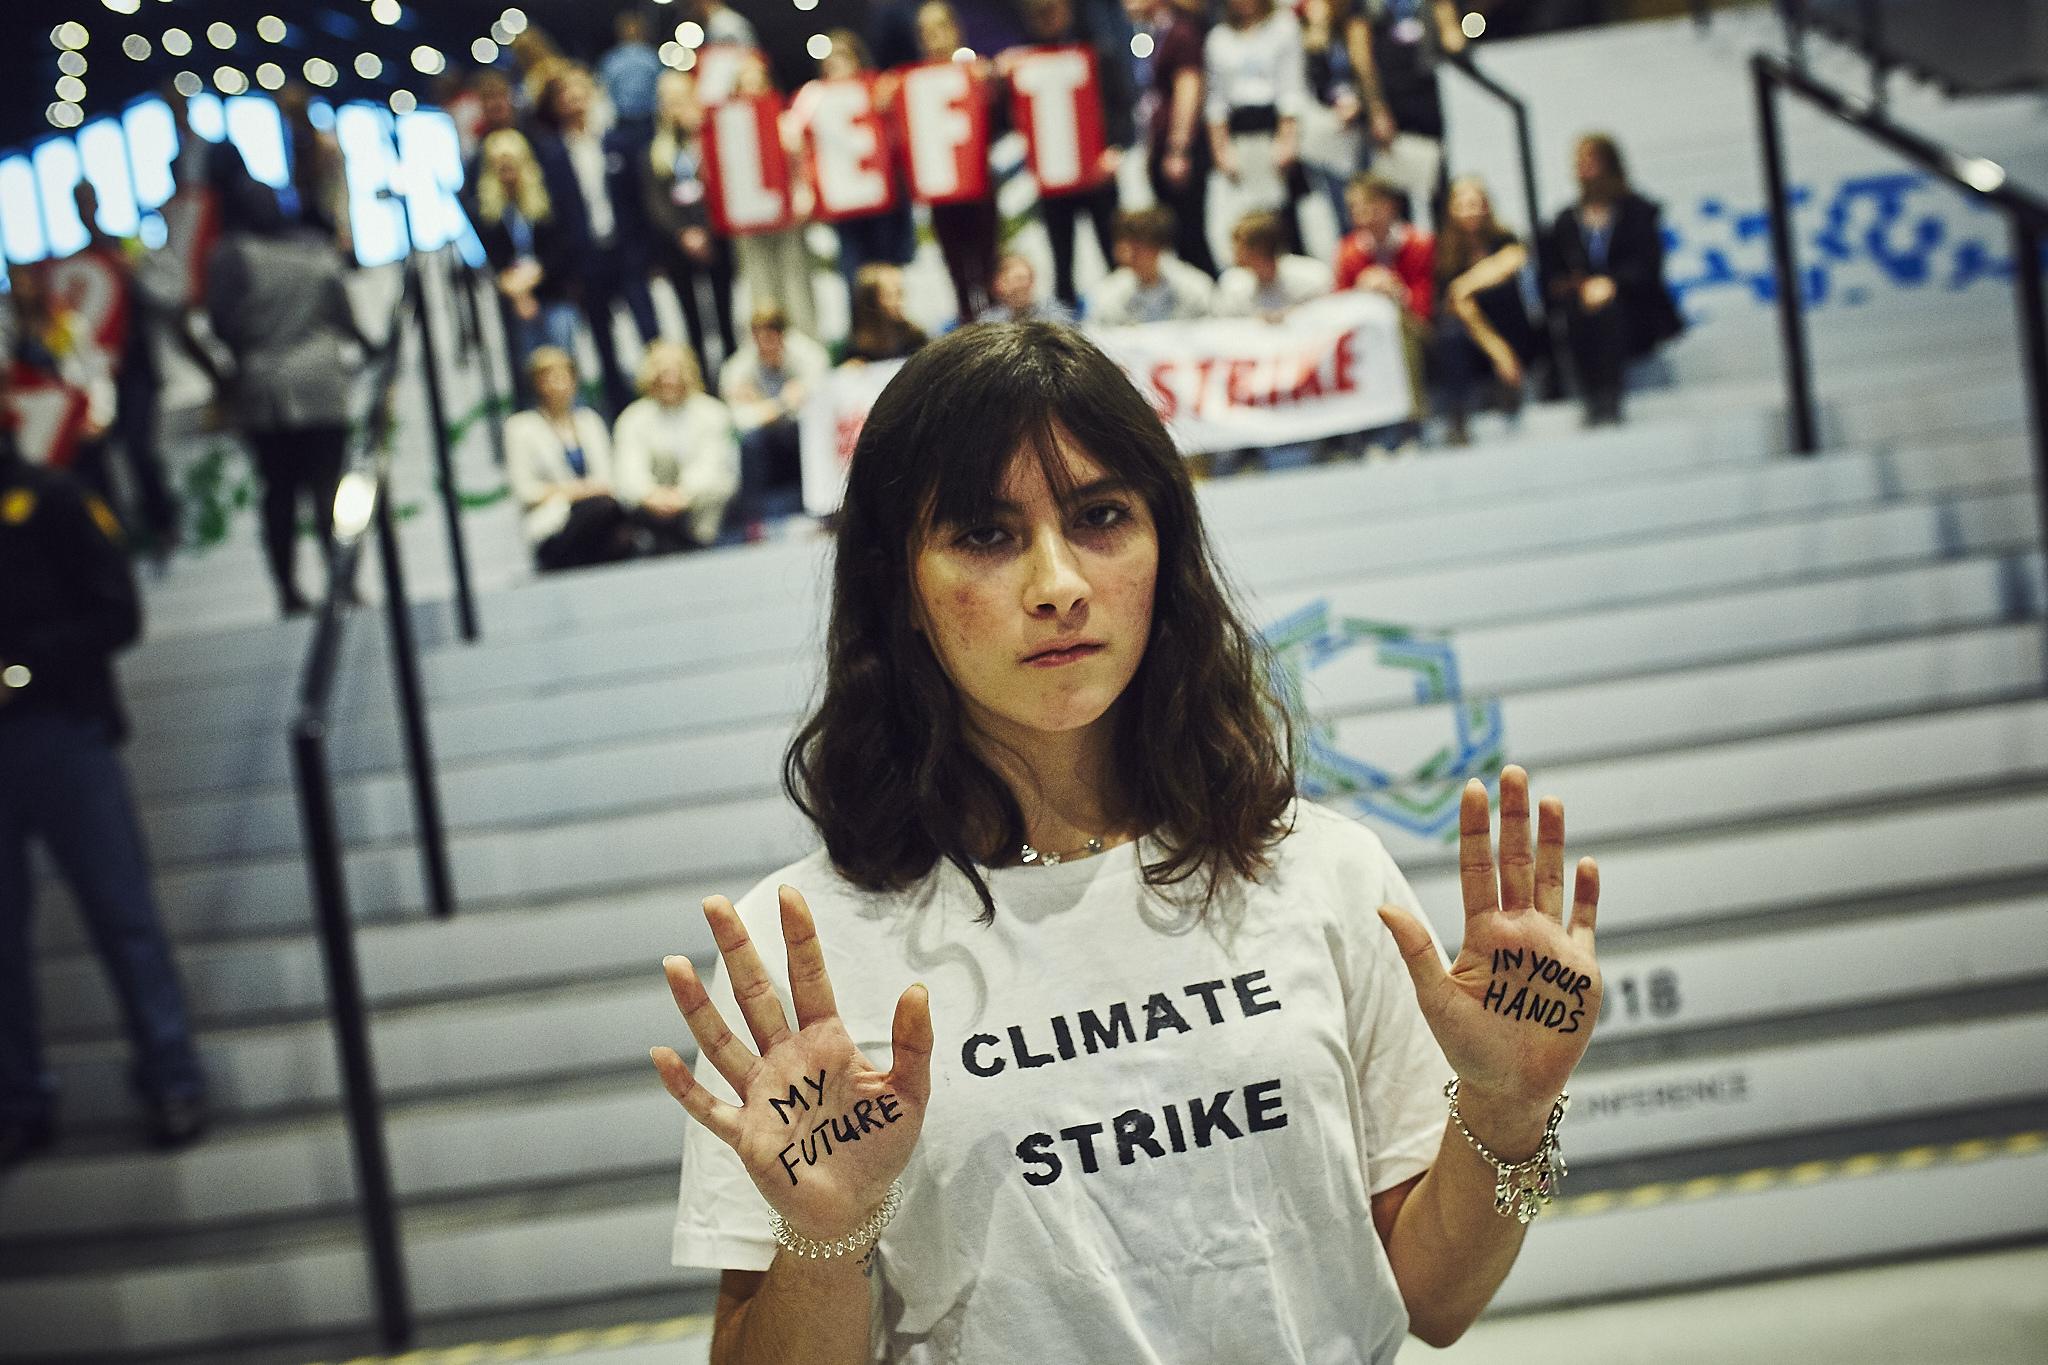 Stávka Za Klima Twitter: Vladimír Wagner: Povede Studentská Stávka Za Klima K Lepší